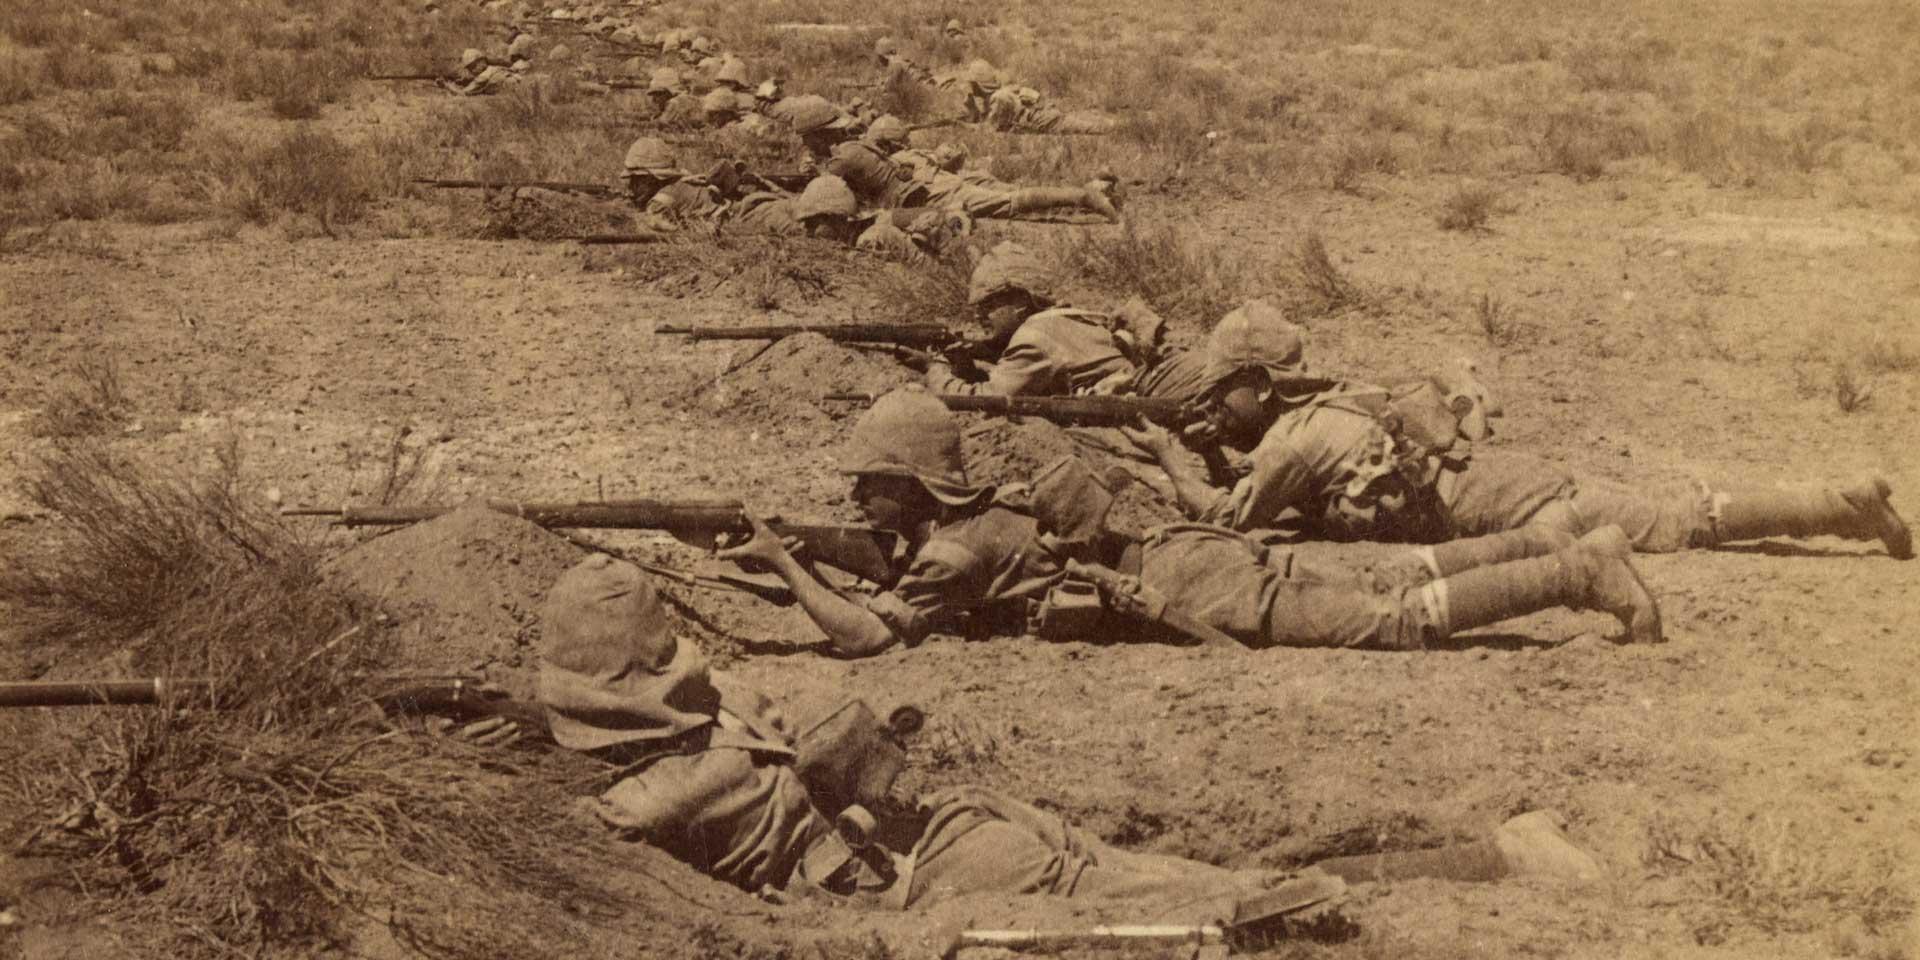 British infantry take cover, Orange Free State, c1899